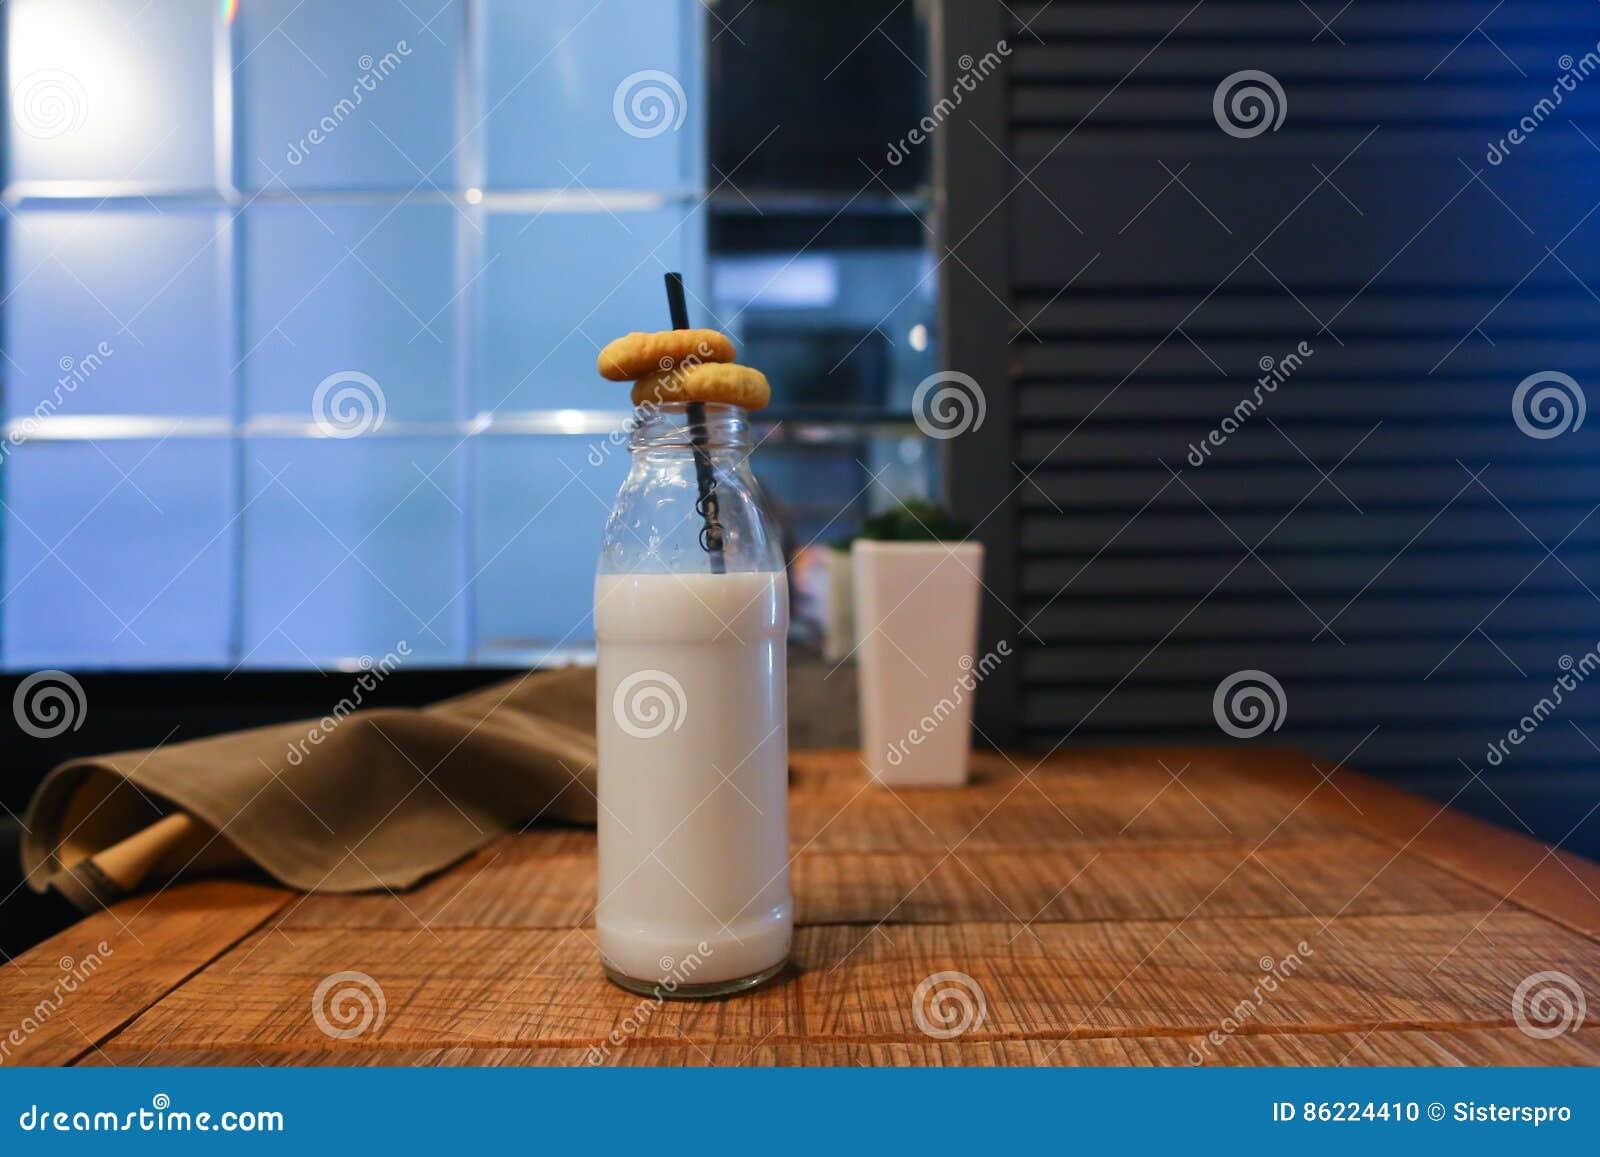 La bouteille en verre de lait la fleur dans le vase et le marais drapent sur table ag photo - La bouteille sur la table ...